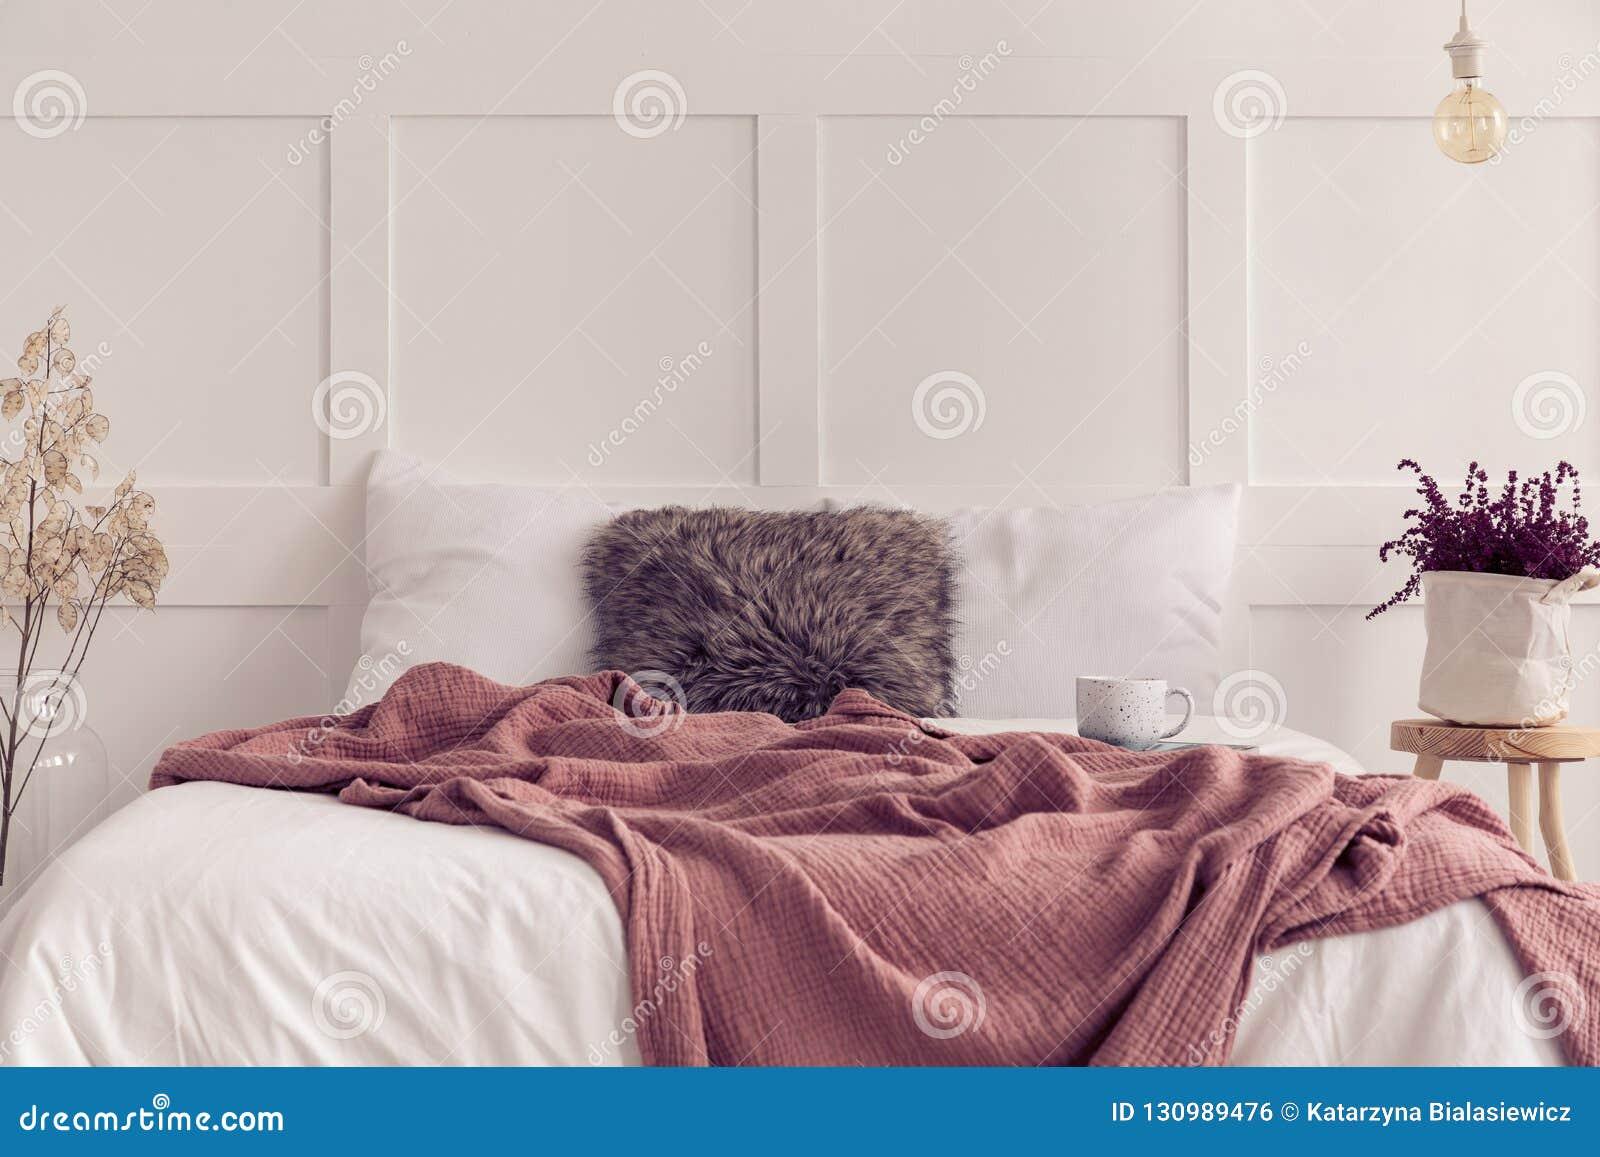 Konungformatsäng med vit sängkläder och smutsig rosa filt, verkligt foto med kopieringsutrymme